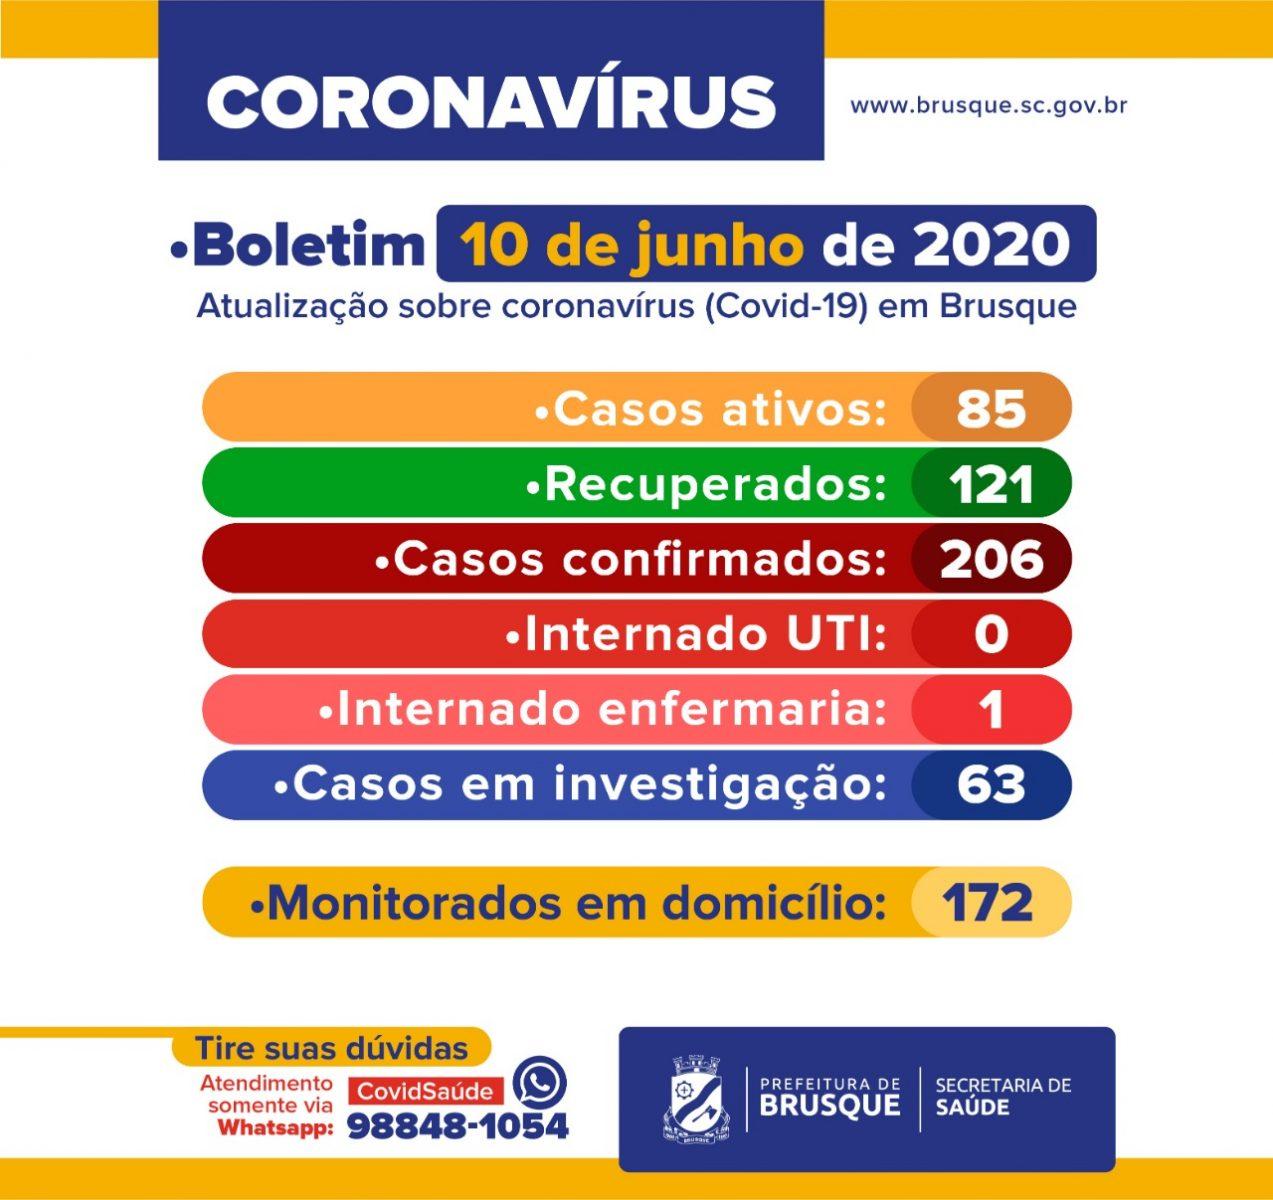 Confira o Boletim Epidemiológico da Prefeitura de Brusque desta quarta-feira (10)